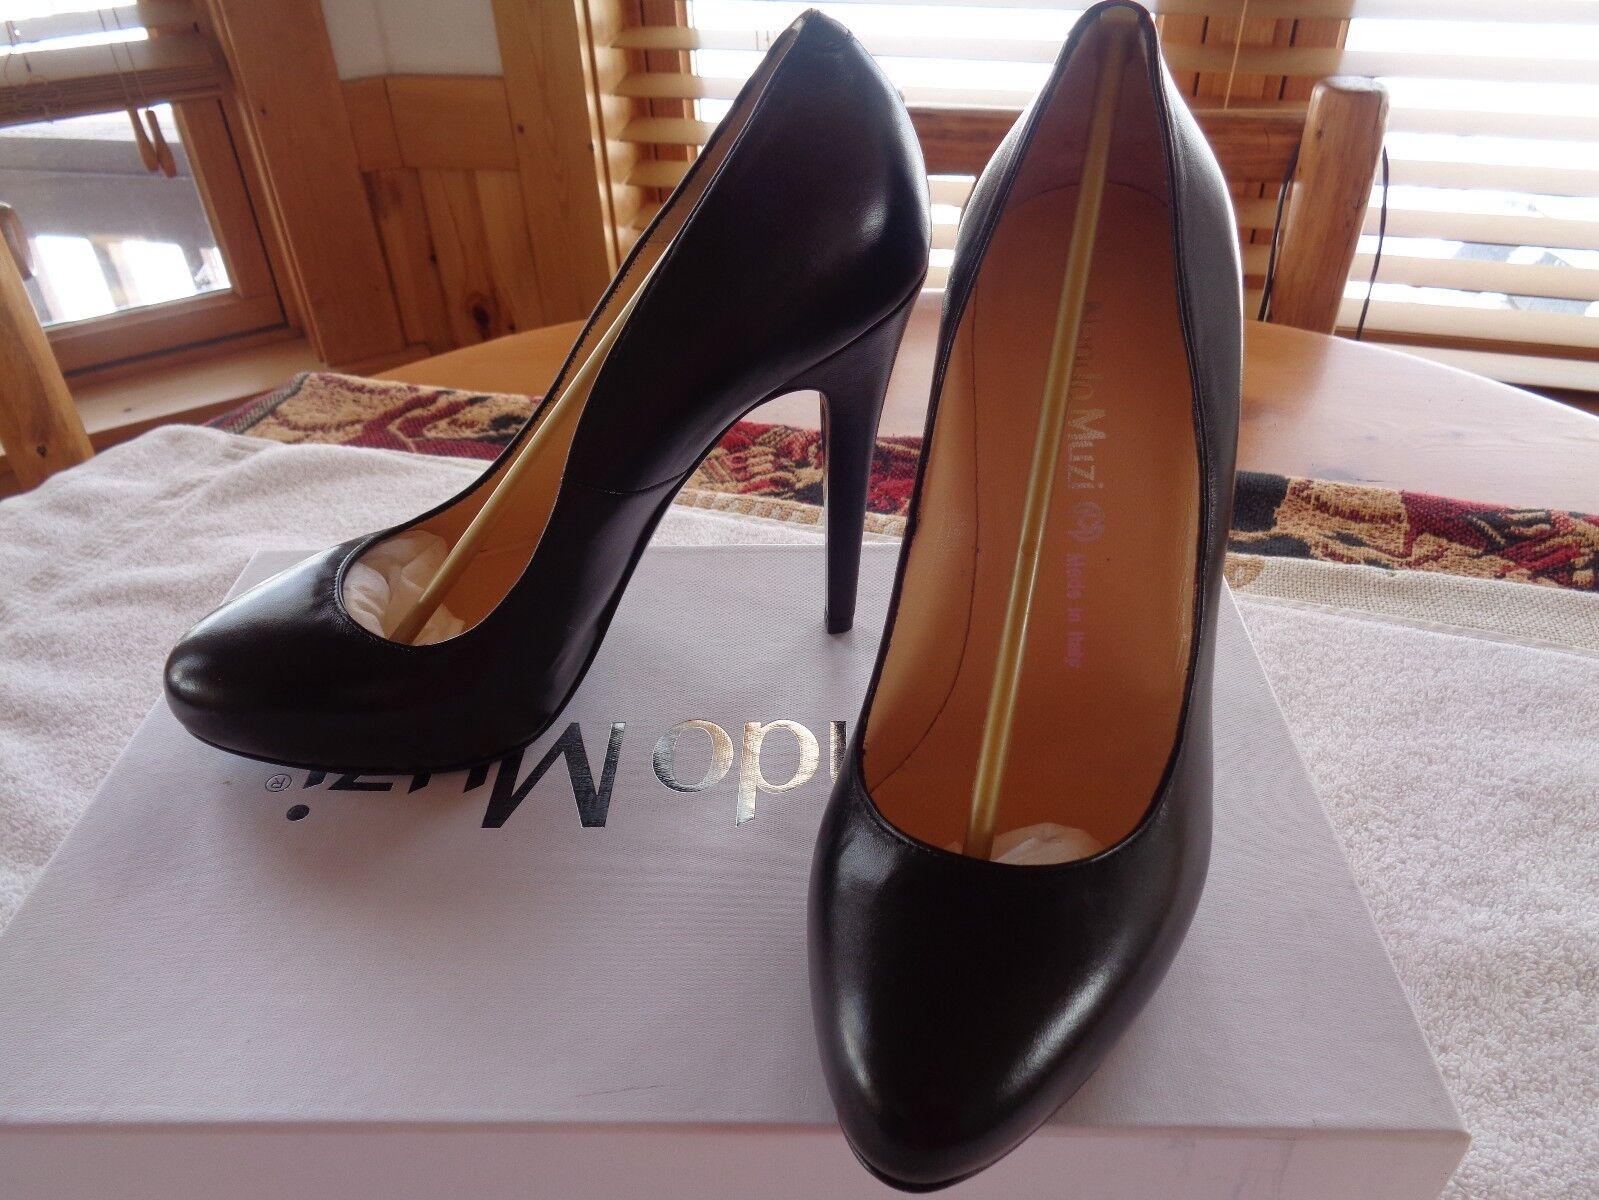 acquista online oggi WOW NIB  750 750 750 High-Heel scarpe  NANDO MUZI Italian W Dimensione 39 L@@K  comodamente